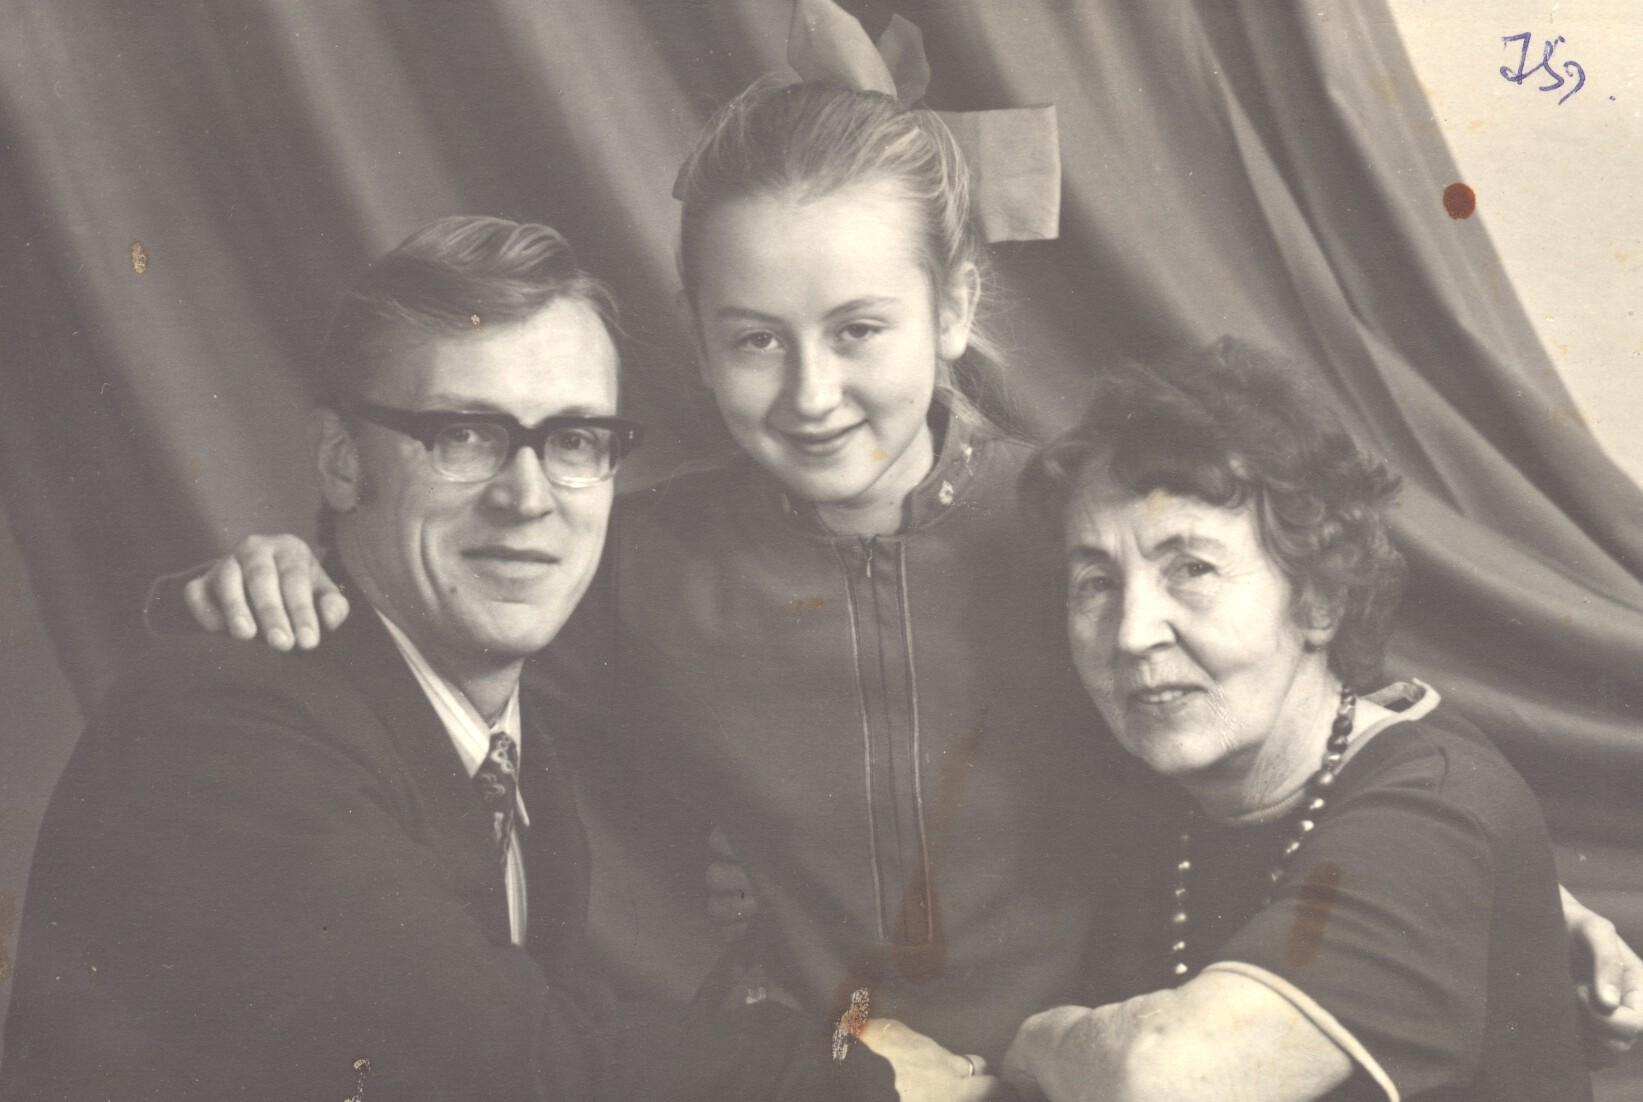 Нина Гудкова с сыном Юрием и внучкой Еленой. Фото предоставлено проектом Слово Праведника и семьями Праведников народов Мира.